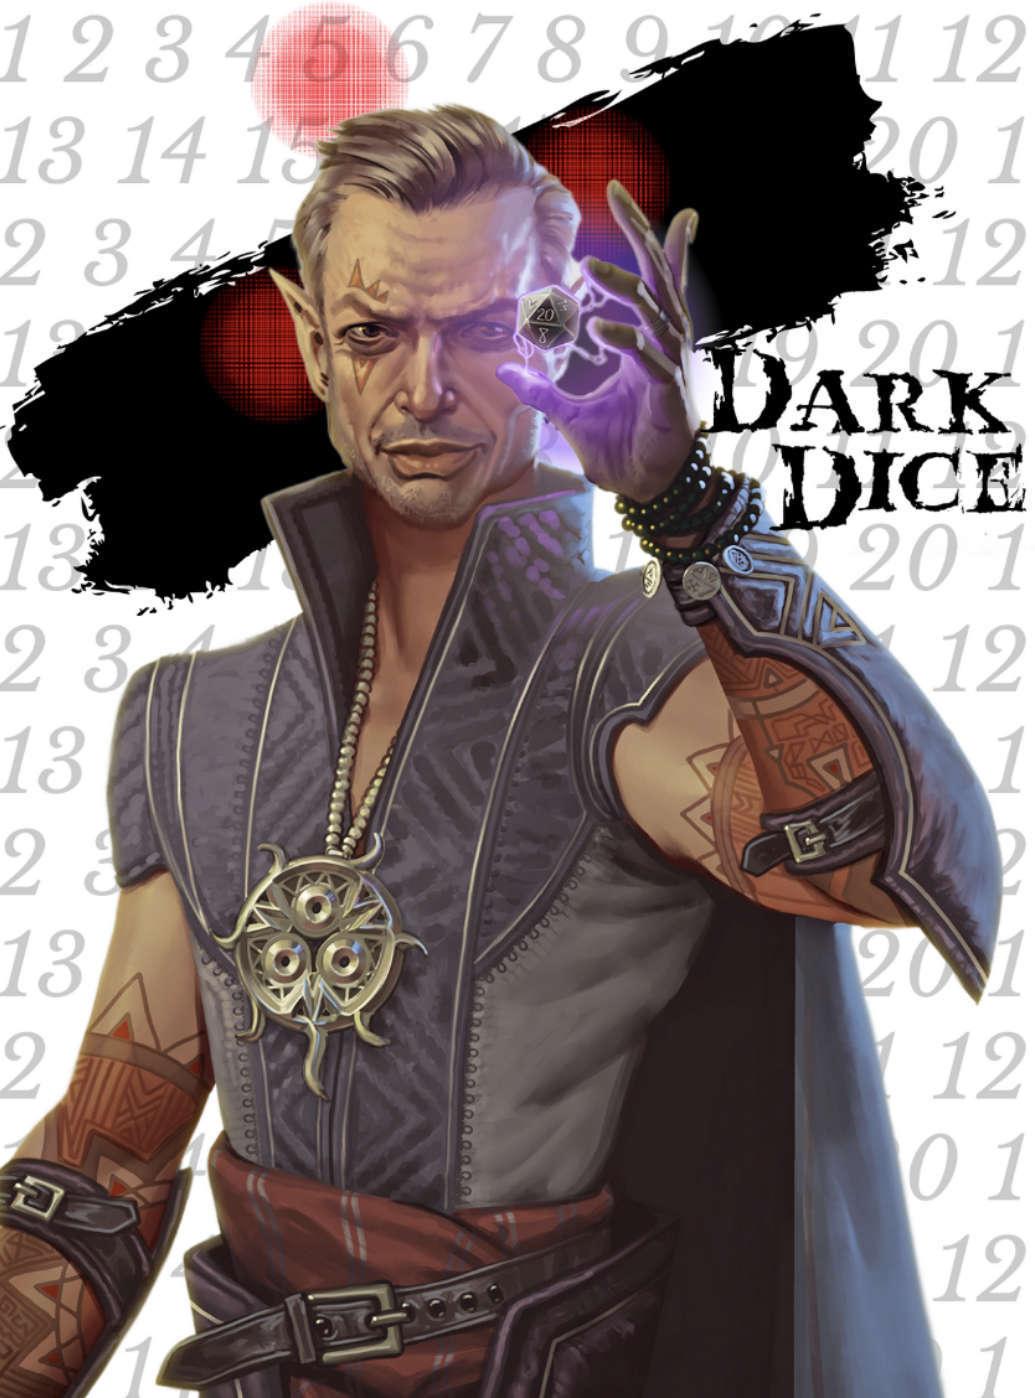 Jeff Goldblum in Dark Dice